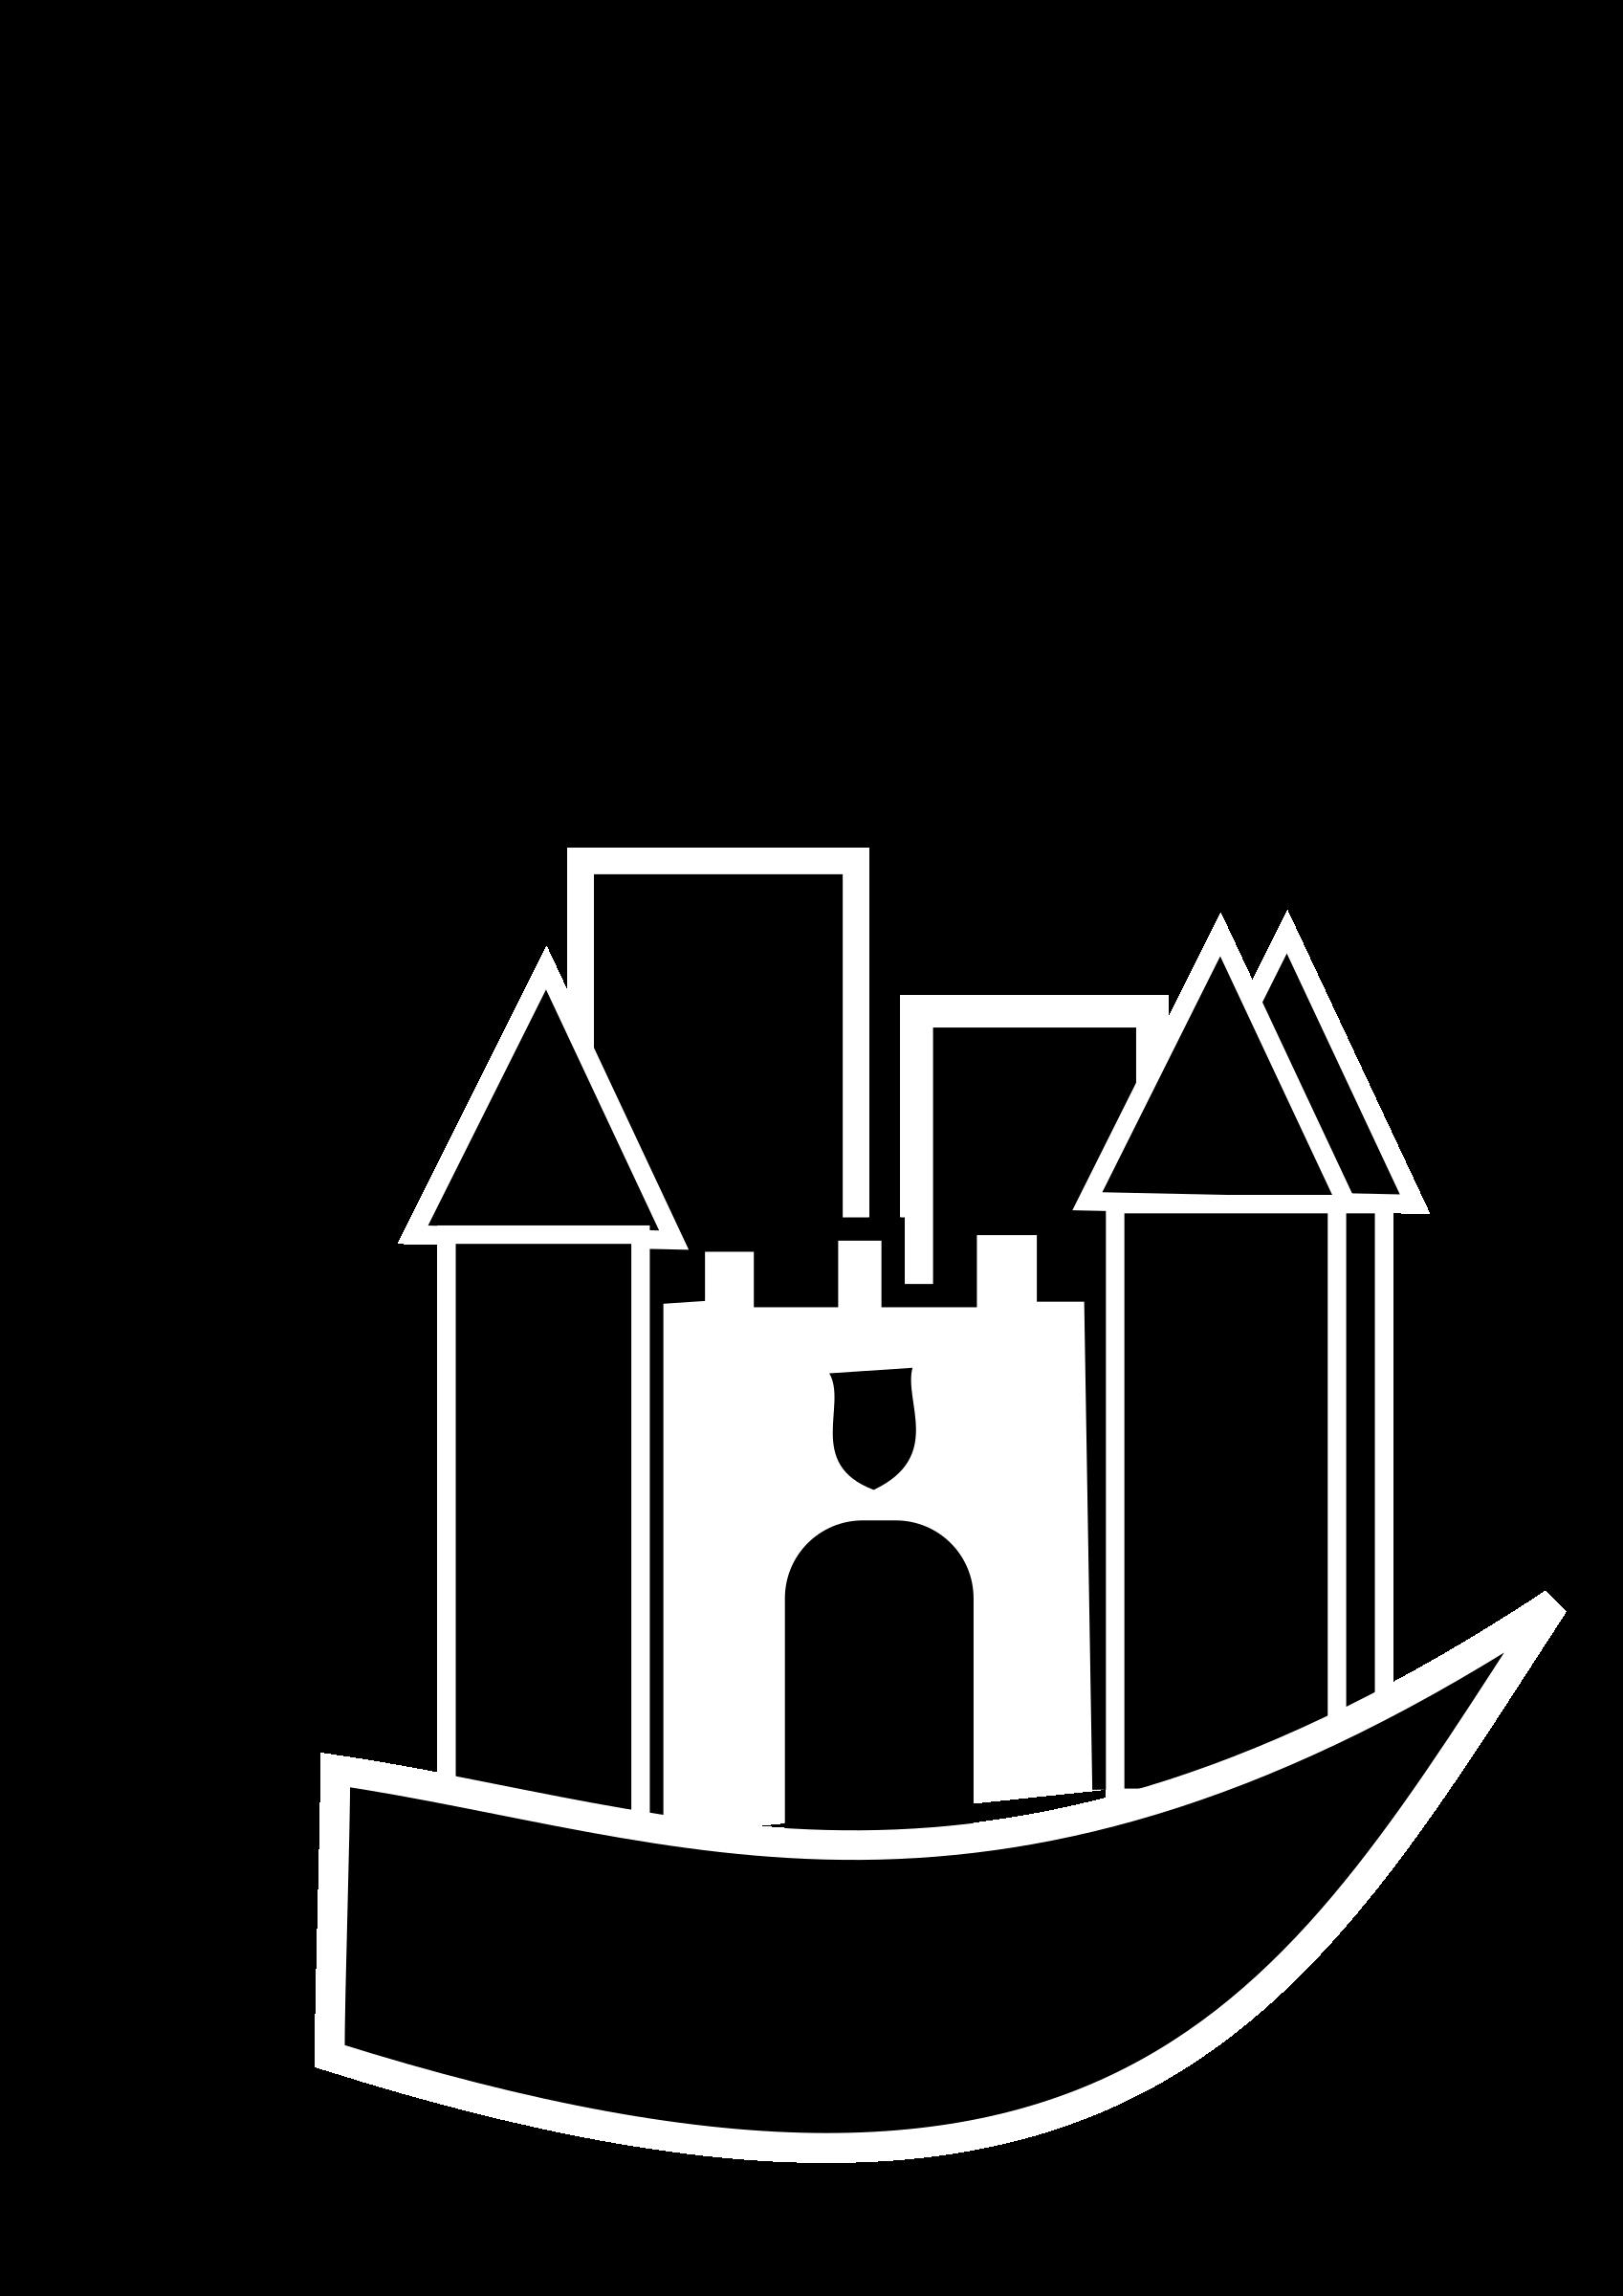 castle of time vector clipart image free stock photo public rh goodfreephotos com castle victorian castle victorian home plans